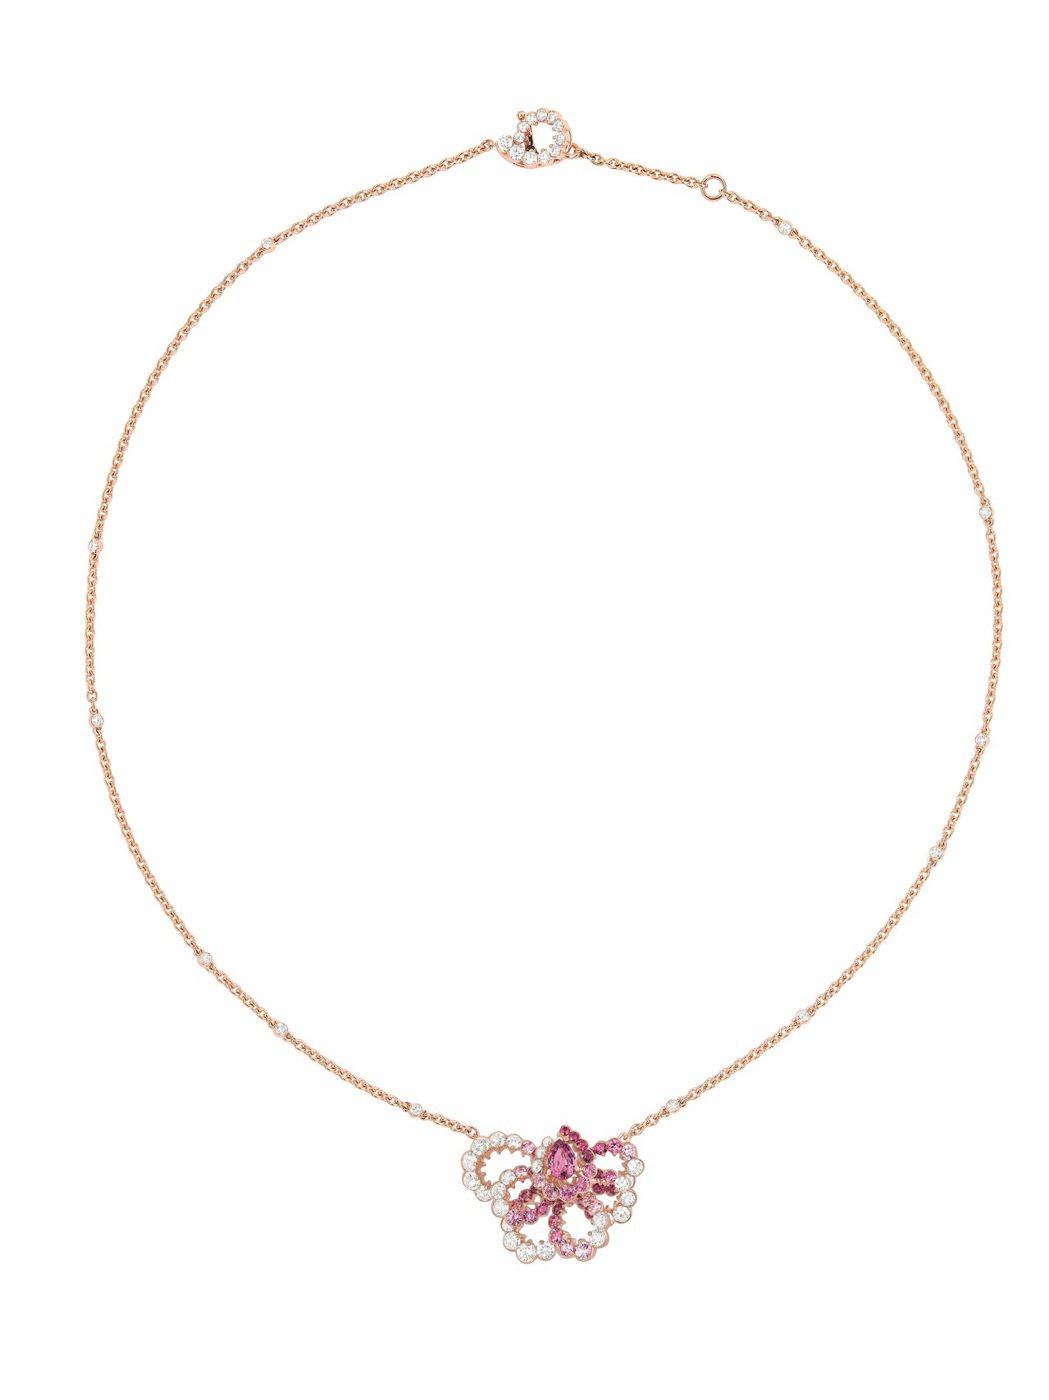 全台獨家Archi Dior粉紅剛玉鑽石項鍊,售價1,370,000元。圖/Di...